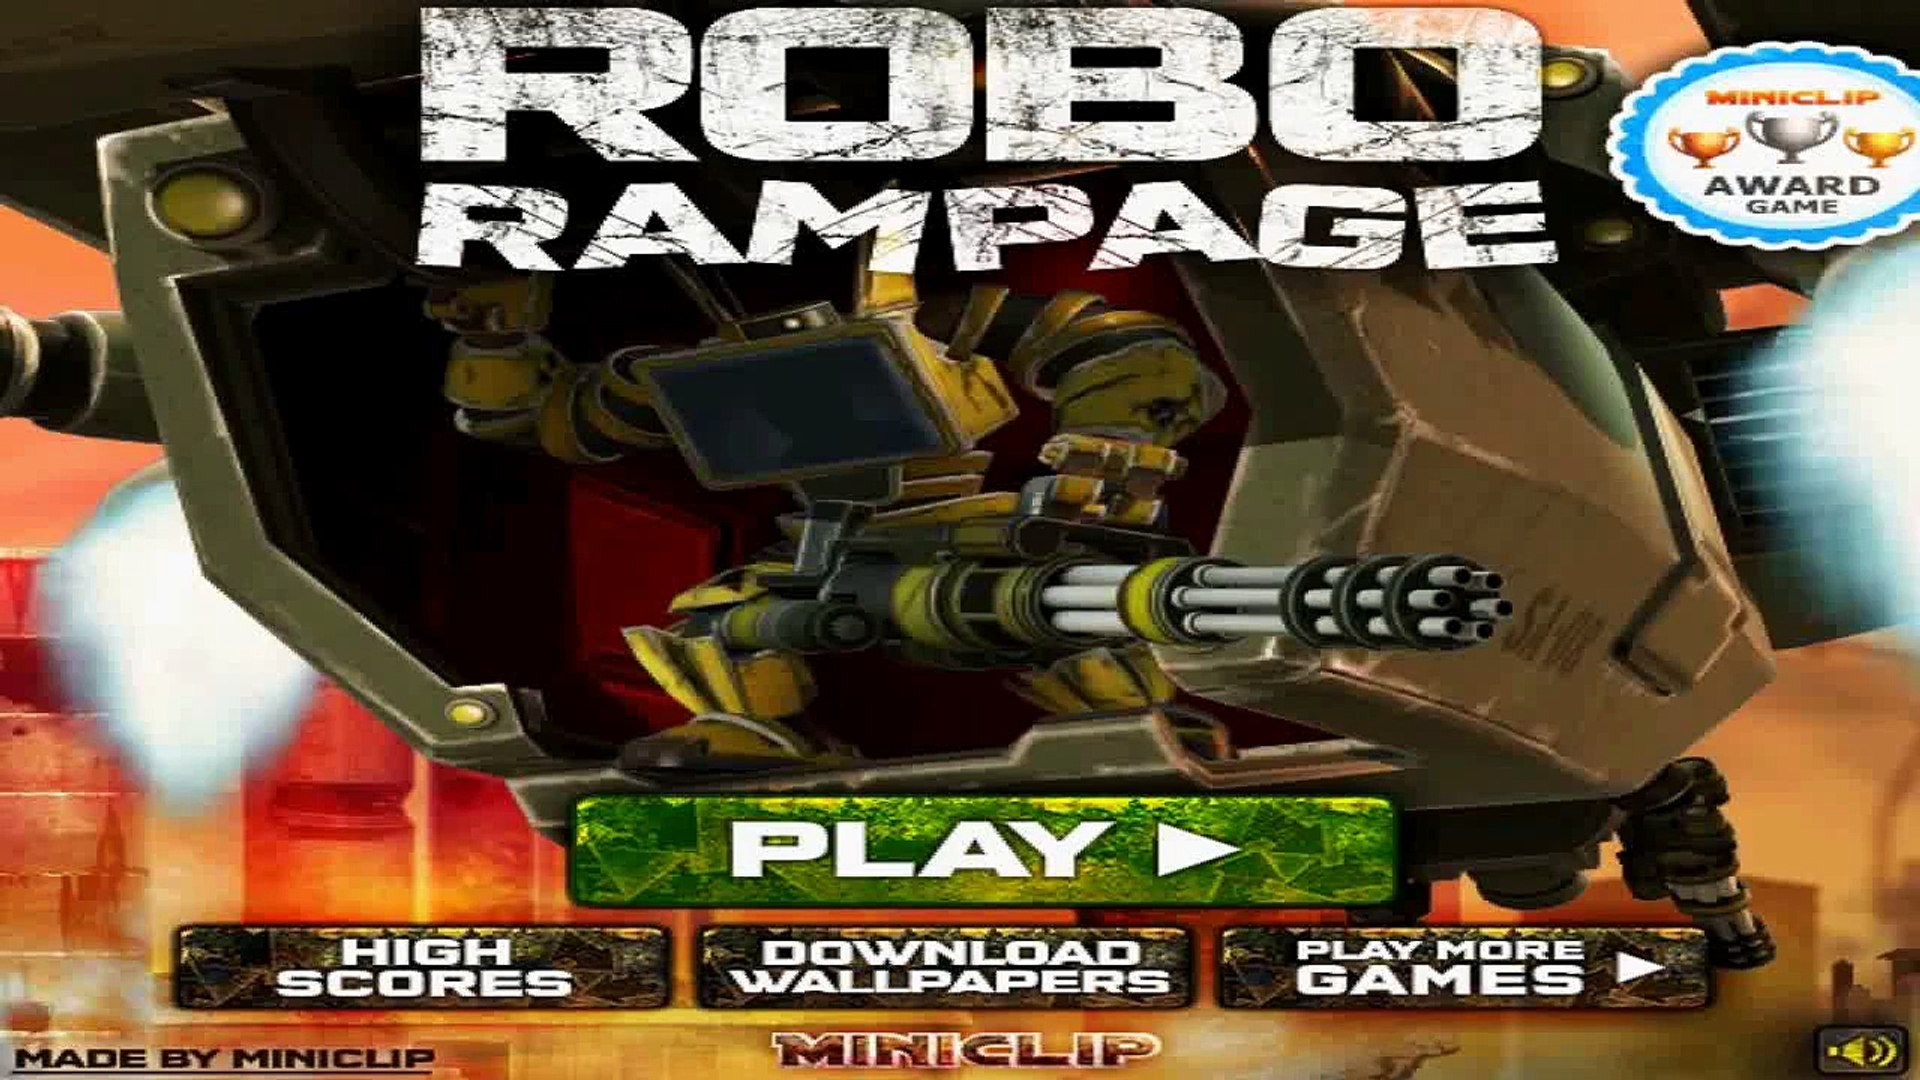 машинки, робот солдат разрушитель # 1 игра бесплатно онлайн